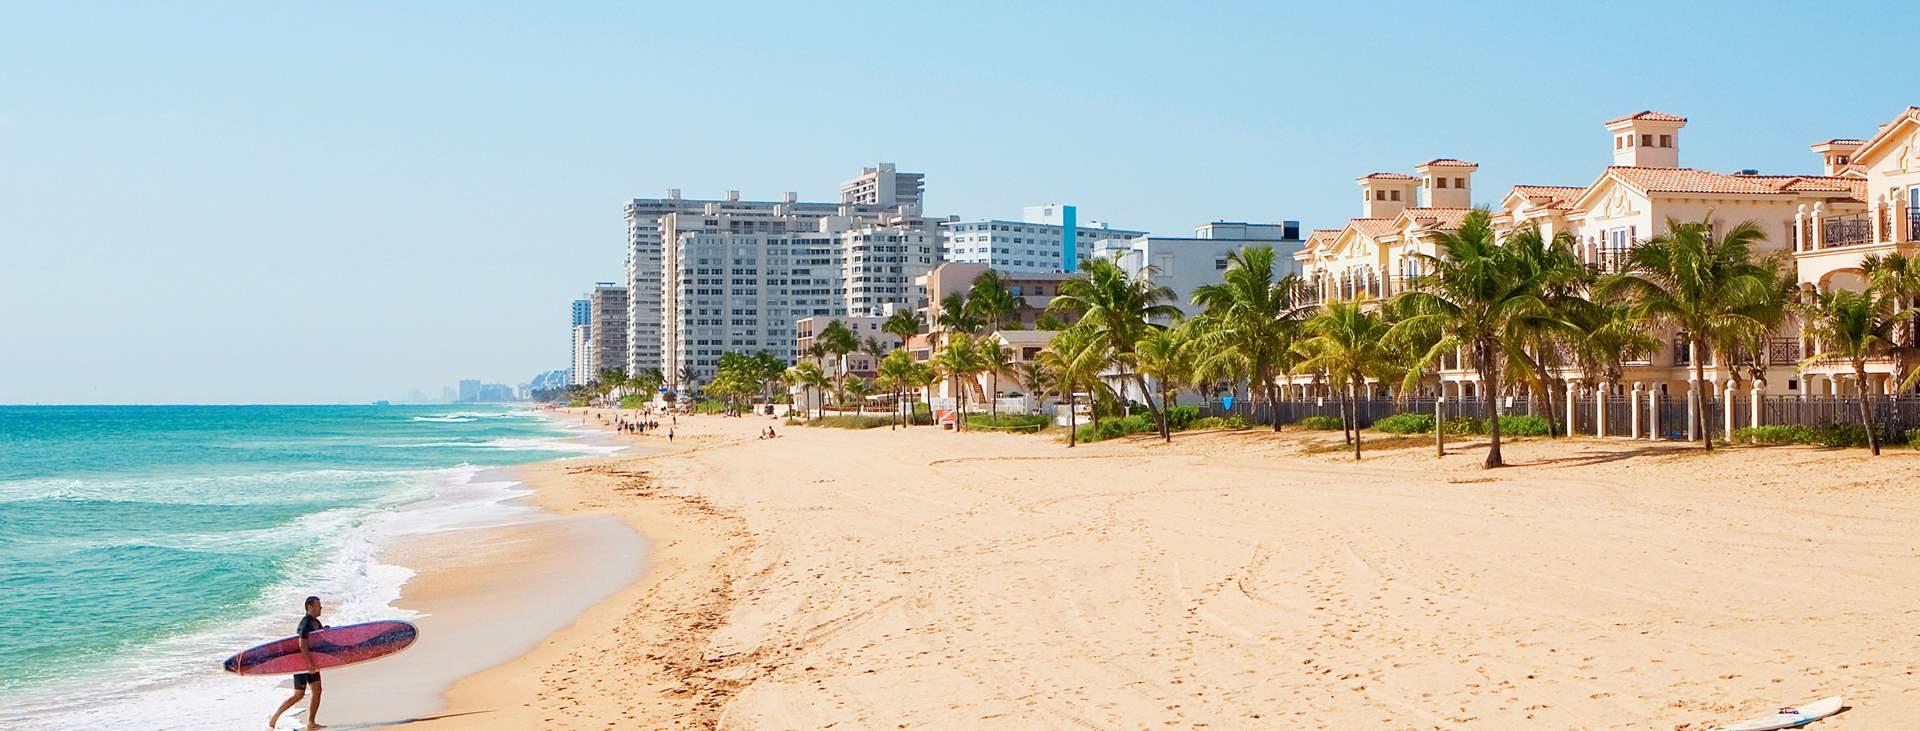 Bestill en reise til Florida med Ving